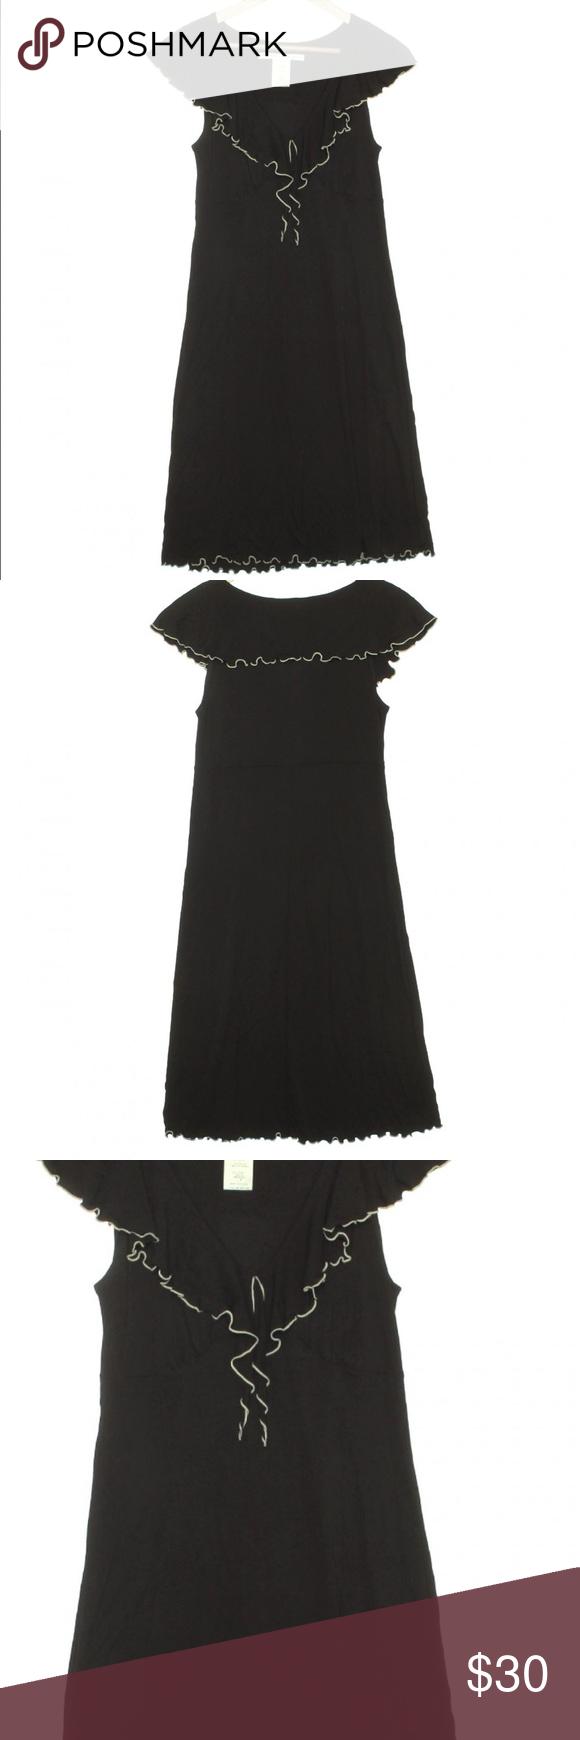 Max studio u black ruffle dress size small black ruffle ruffle